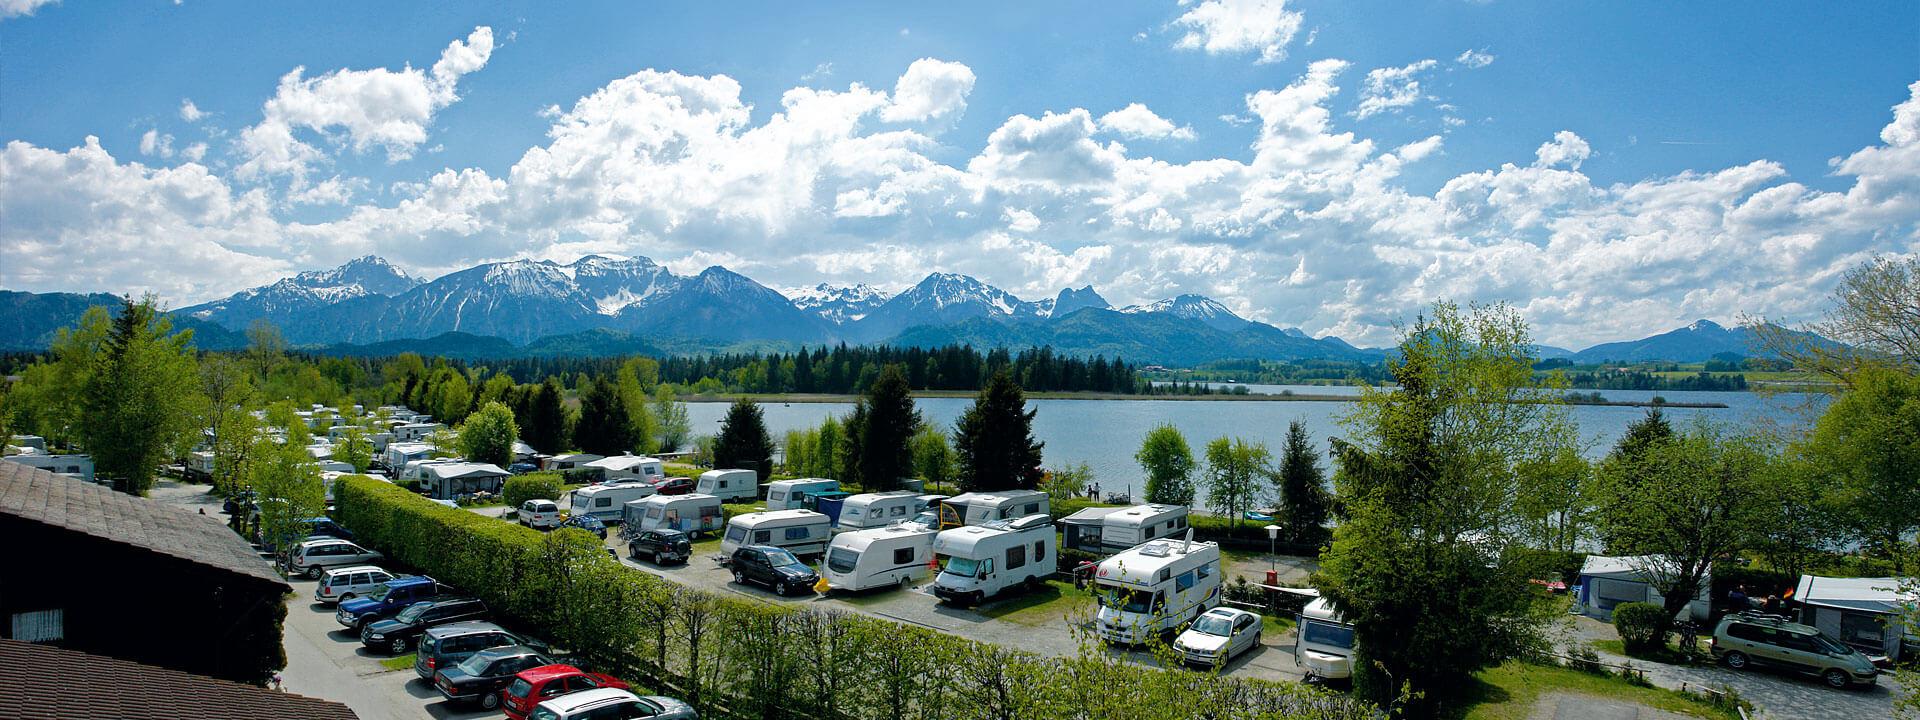 campingplatz hopfensee wohnwagen vermietung und reparatur. Black Bedroom Furniture Sets. Home Design Ideas